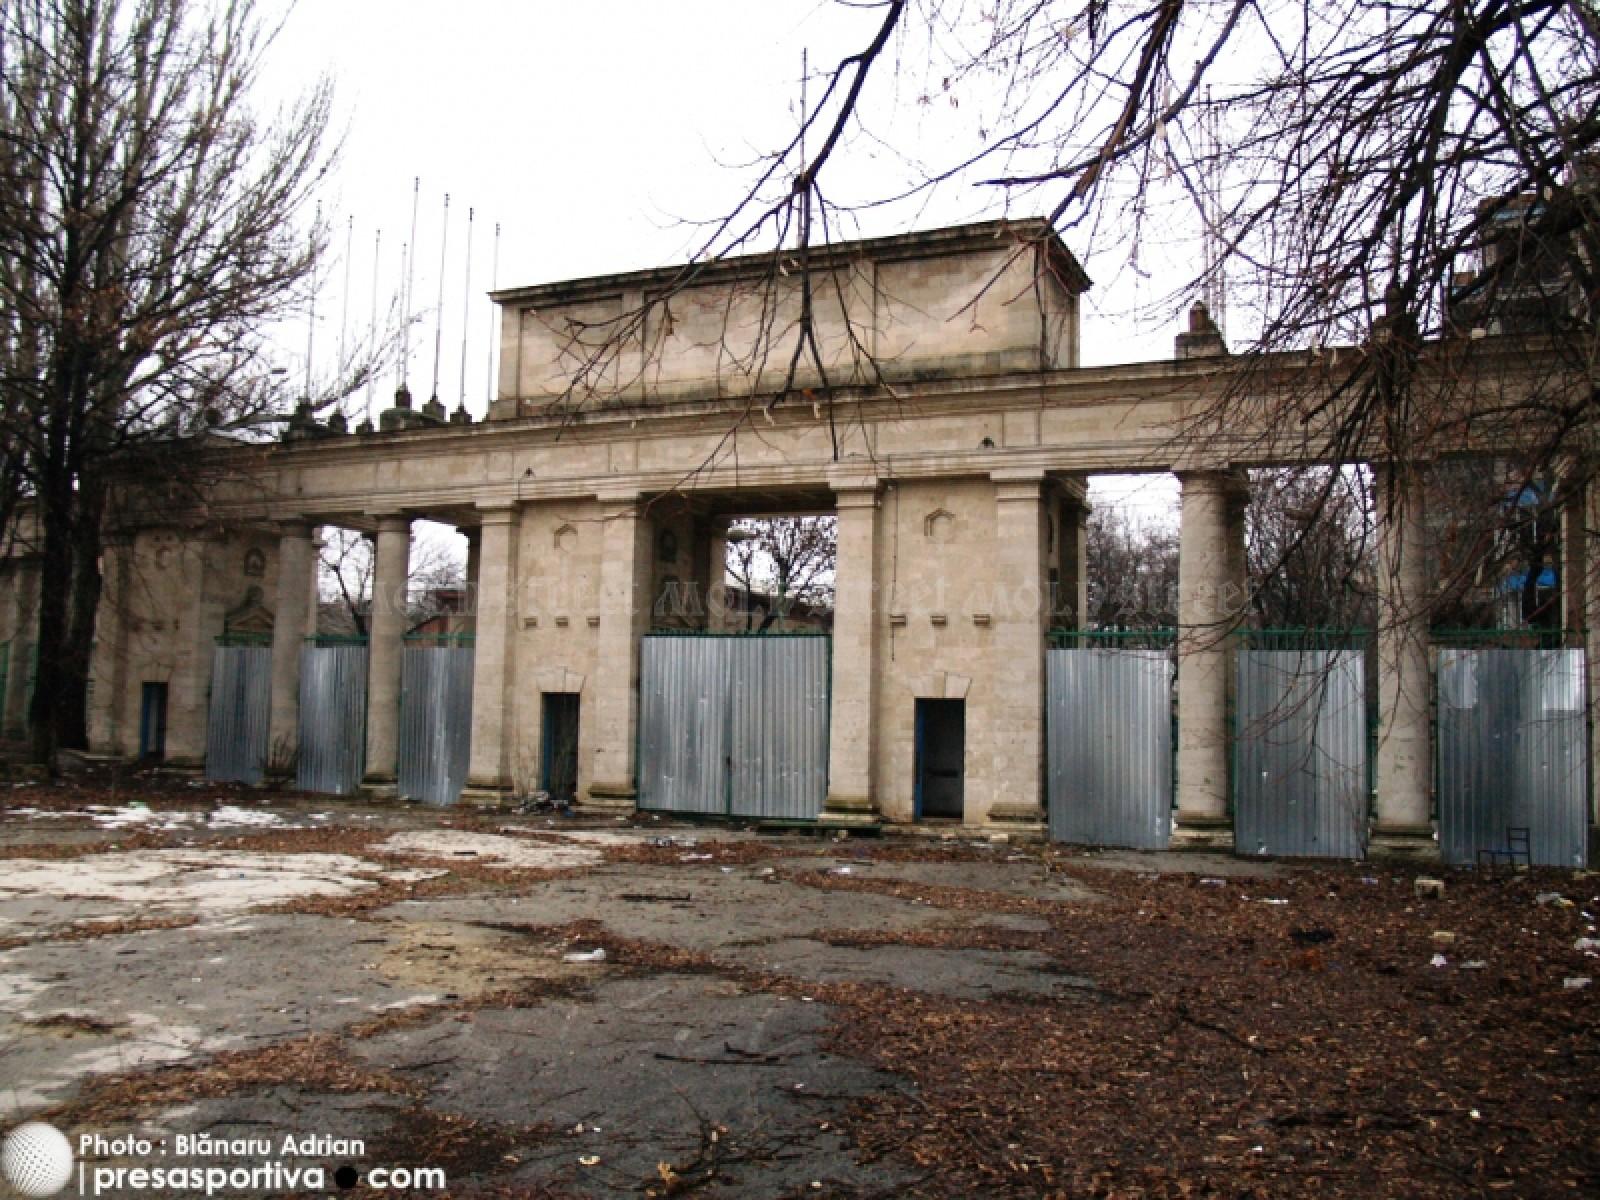 Mold-street: Un milionar arab, interesat de investiţii în stadioane în Moldova